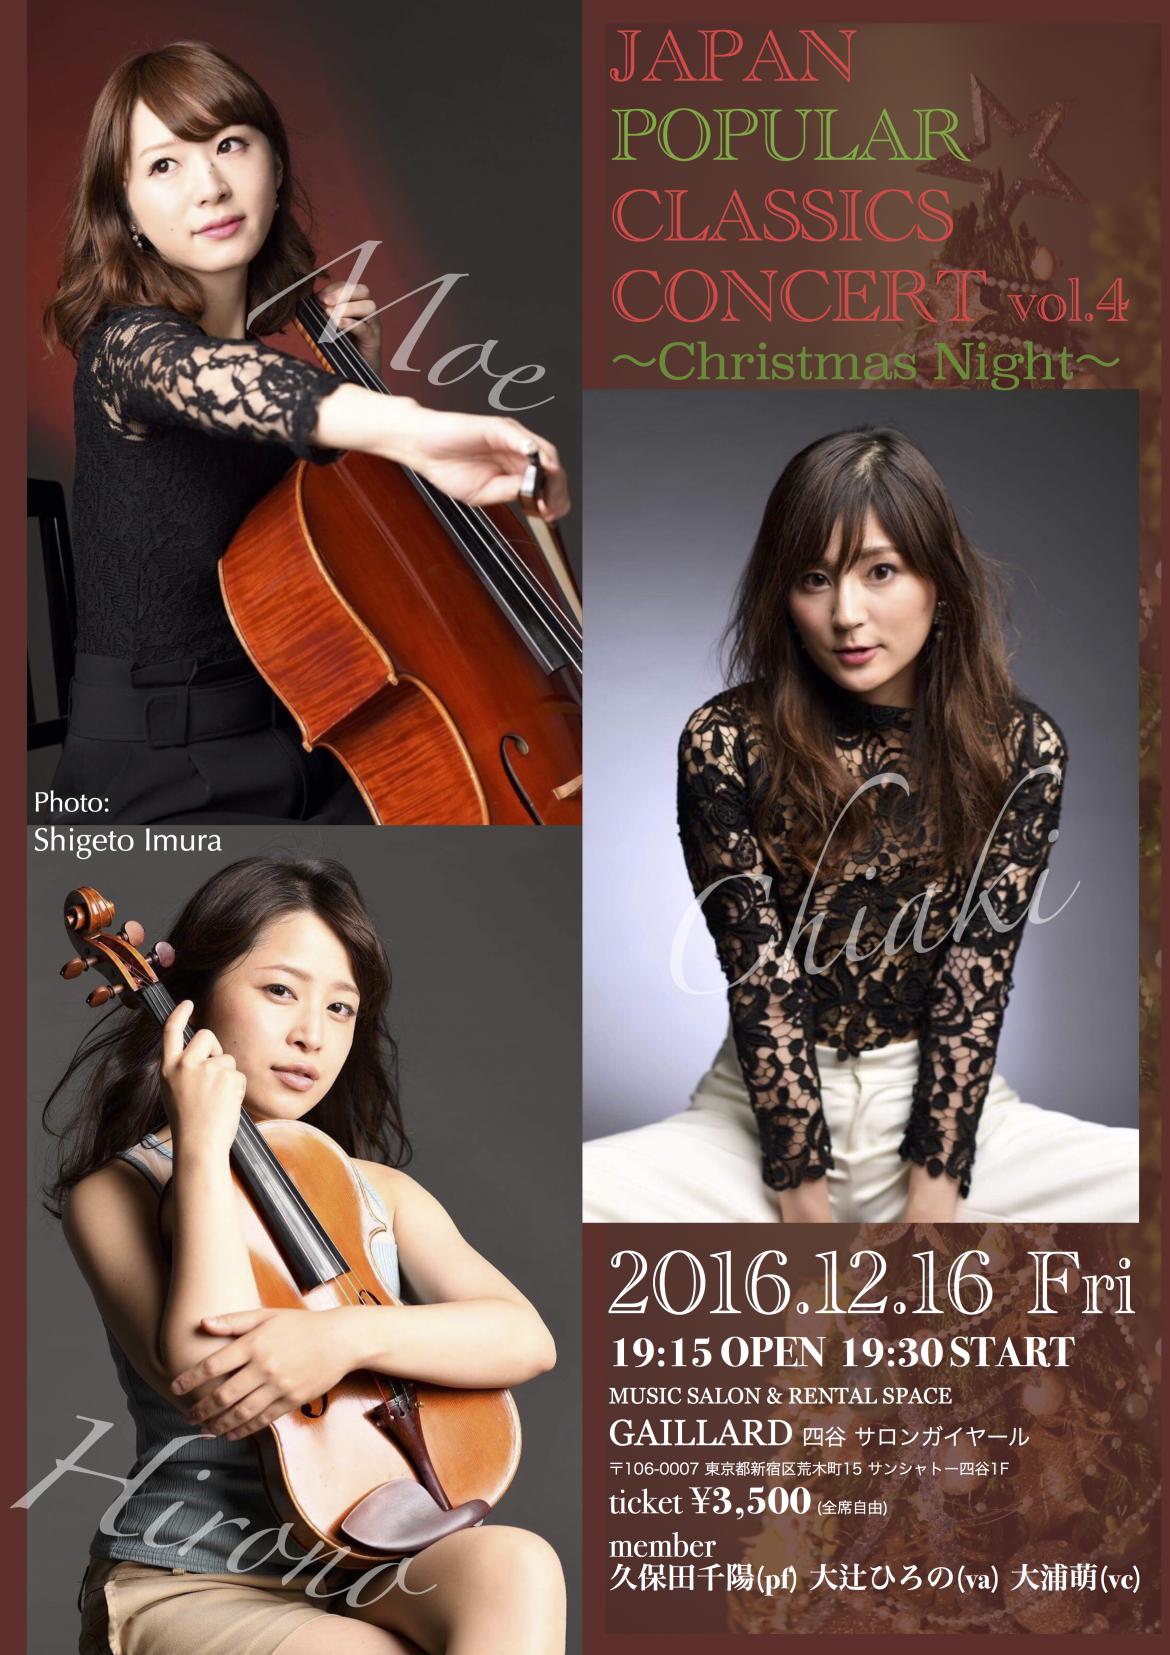 2016.12.16 第4回 JAPAN POPULAR CLASSICS CONCERT